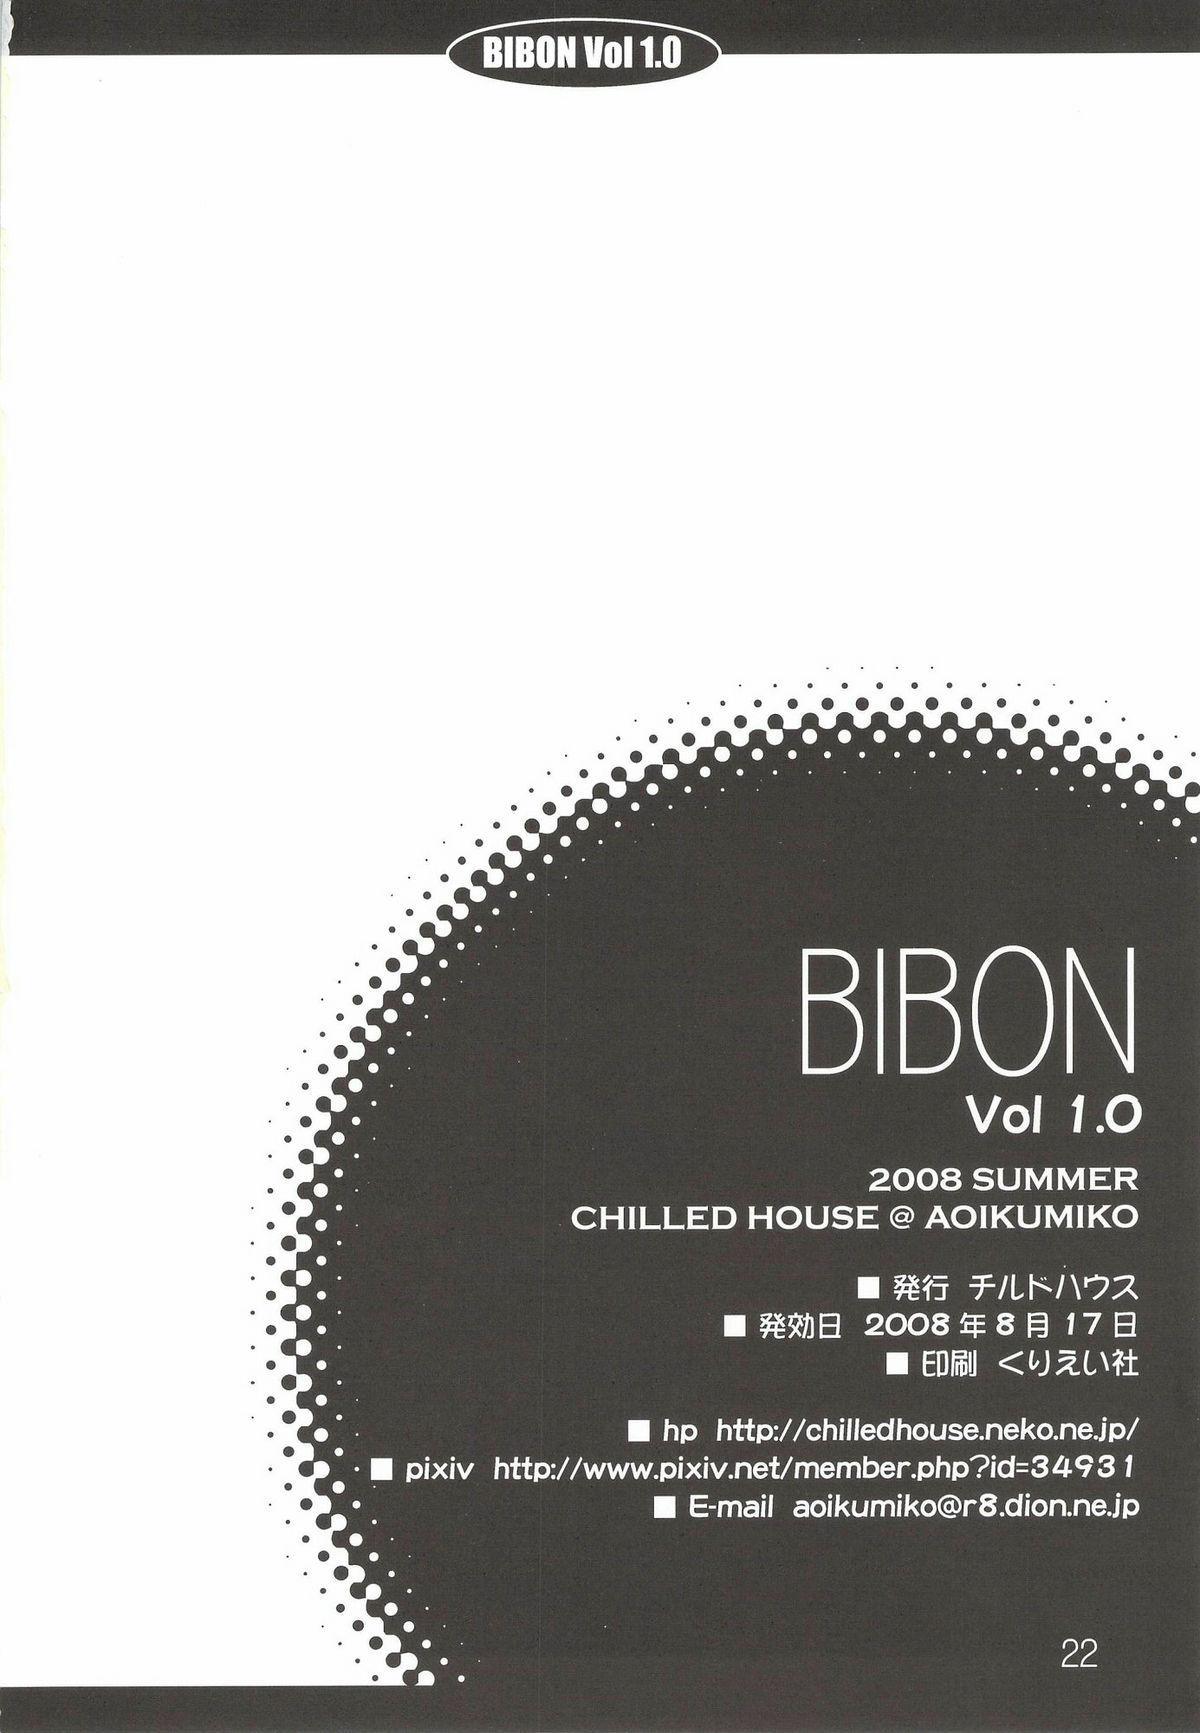 BIBON VOL 1.0 20